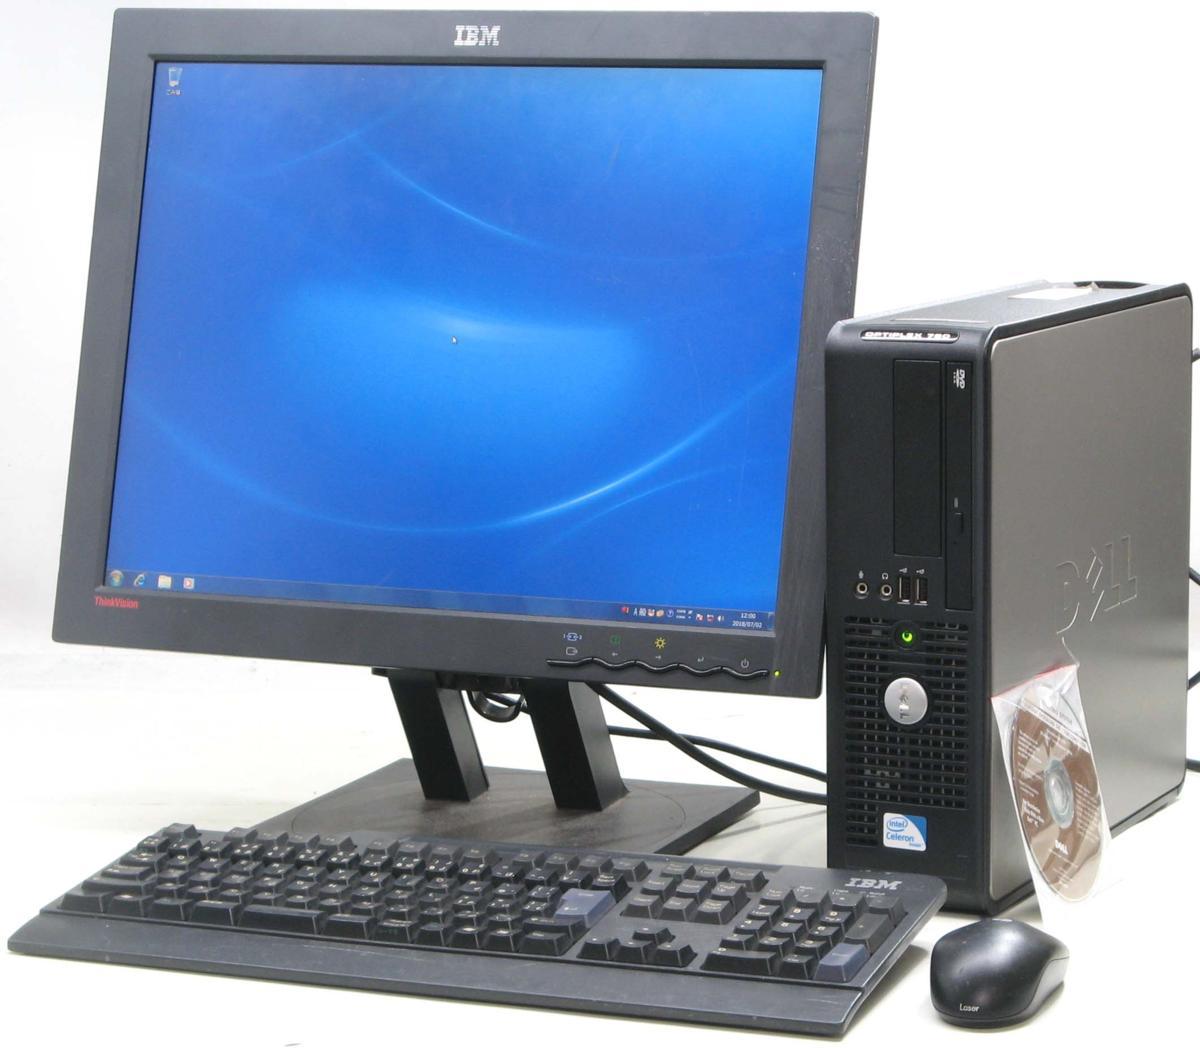 中古デスクトップパソコン DELL Optiplex 780-C2200SF■20液晶セット(デル Windows7)【中古】【中古パソコン/中古PC】